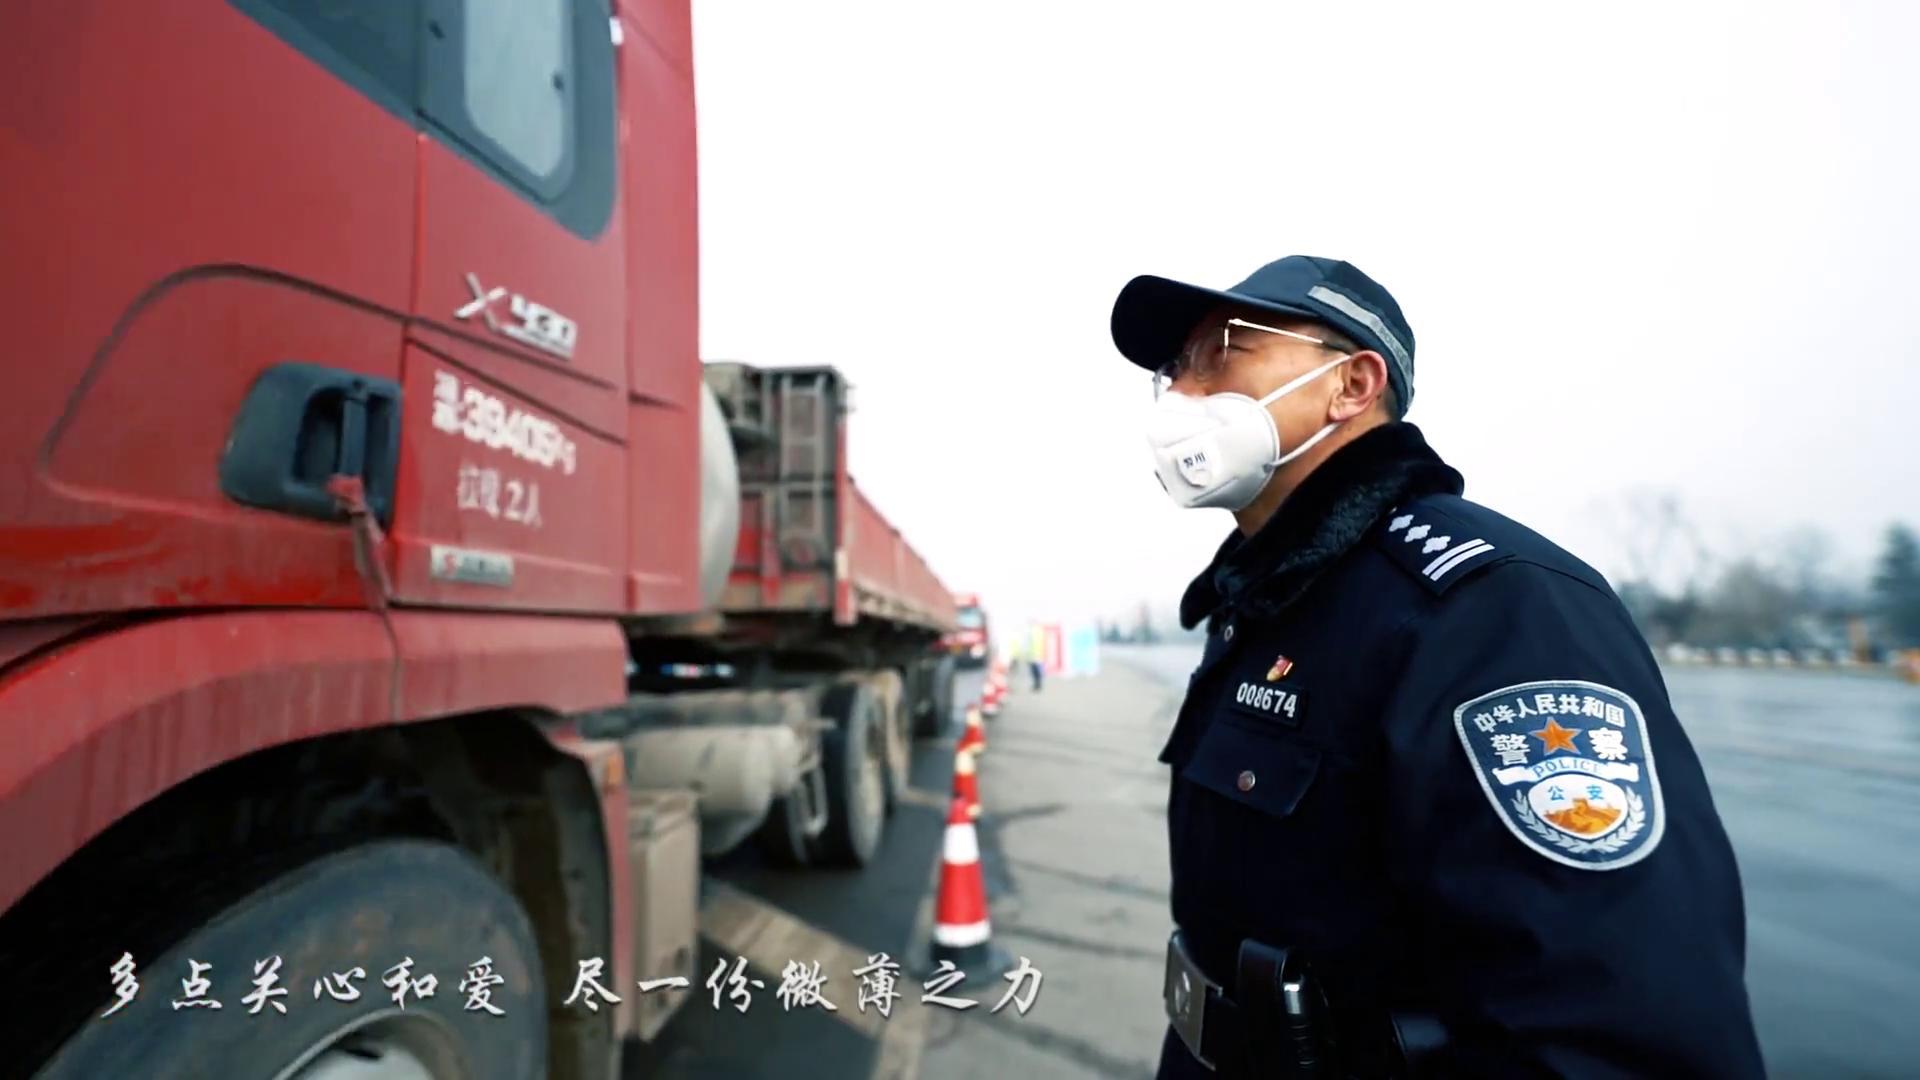 """渭南临渭公安原创MV《战疫必胜》首发 用歌声传递""""战疫""""力量"""